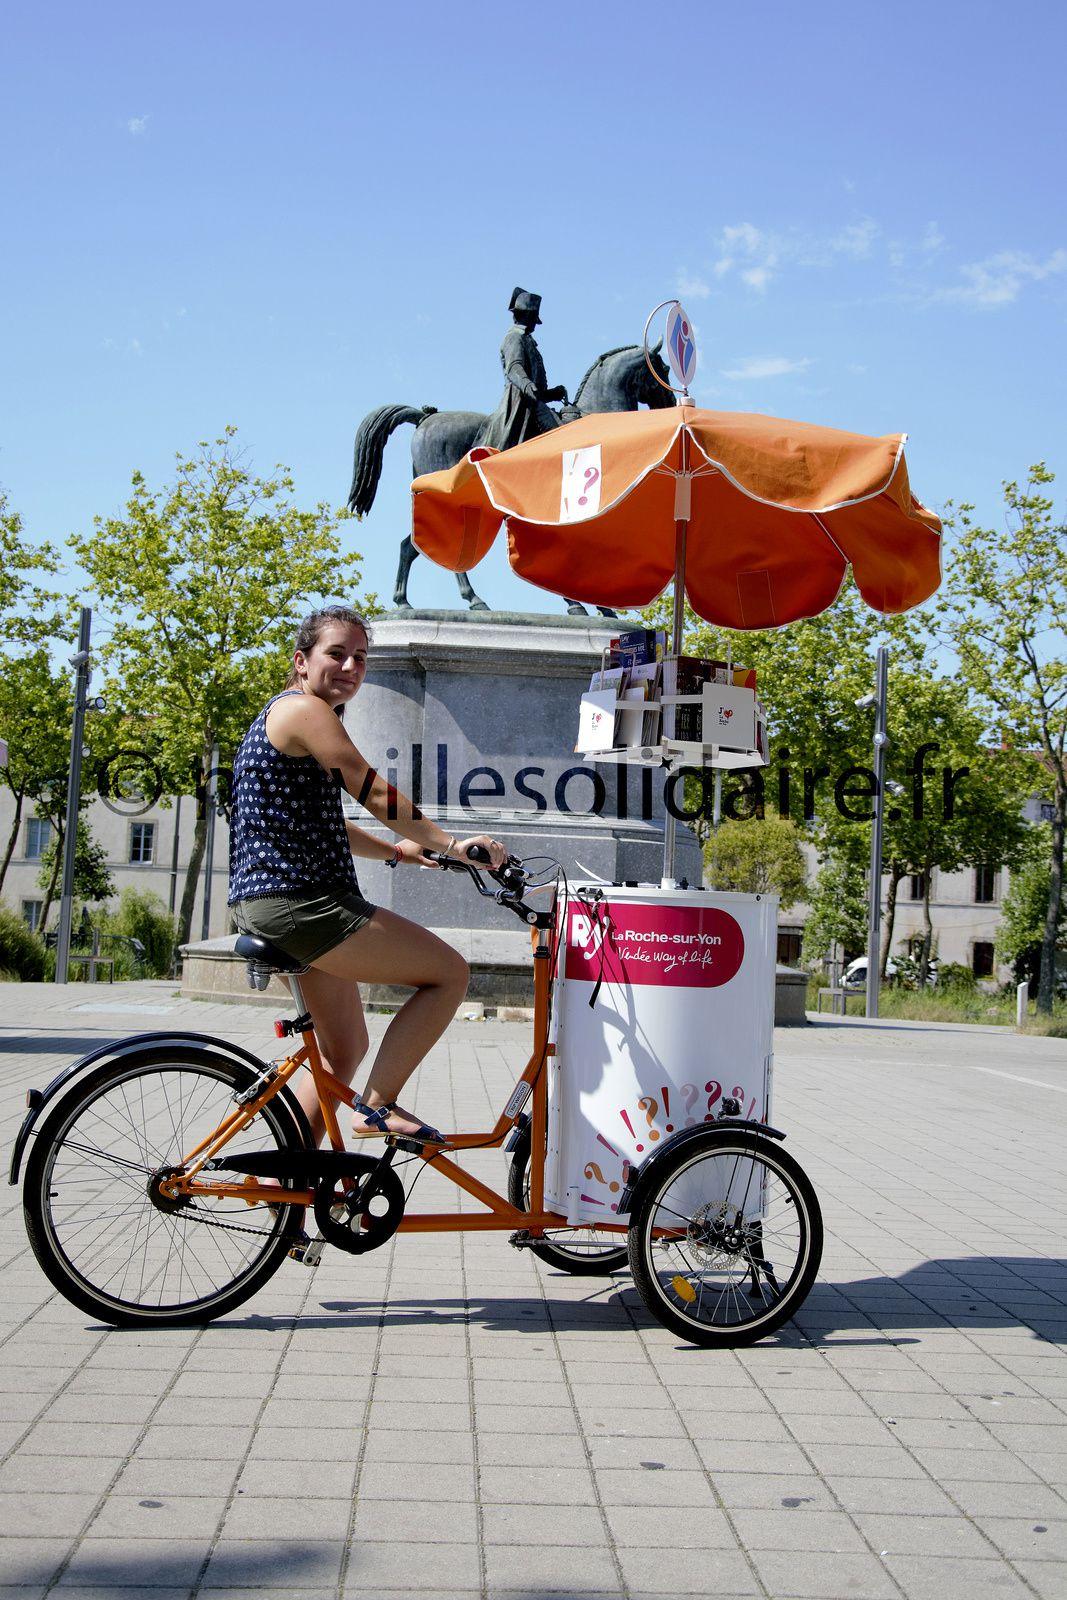 Tourisme : que faire à la Roche-sur-Yon ?